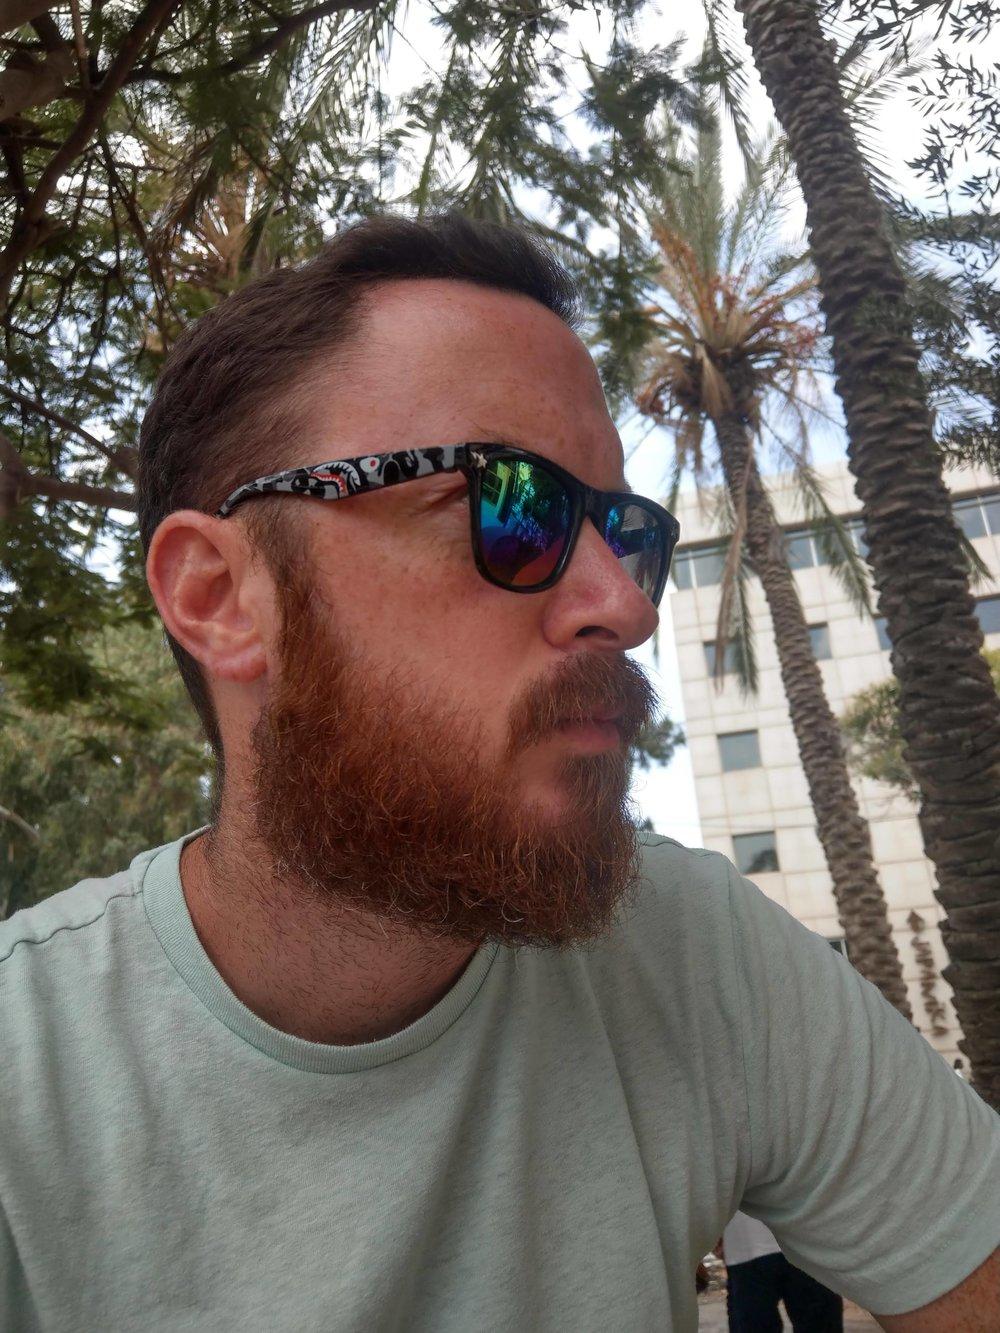 ניר קרן - בן 34 , נשוי+2 מהרצליה, חי בסרטים מאז 1984, מחובר לנטפליקס דרך הוריד. בלוגר ב